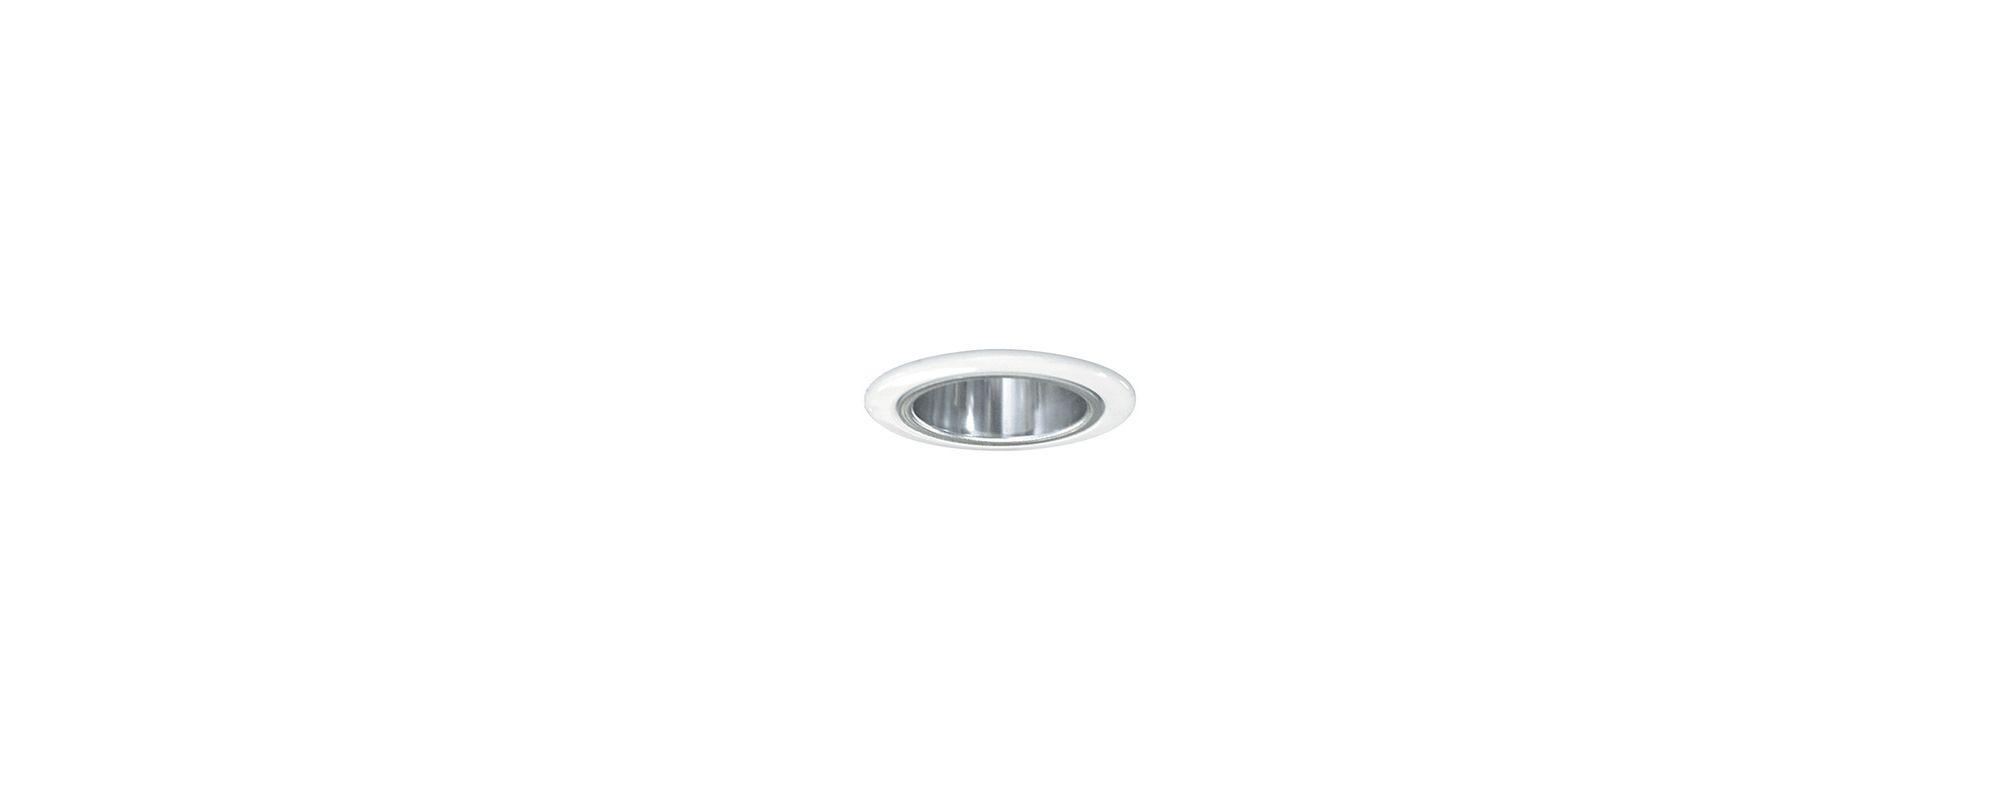 Elco E221 20W Single Light Mini MR11 Downlight with Clear Reflector